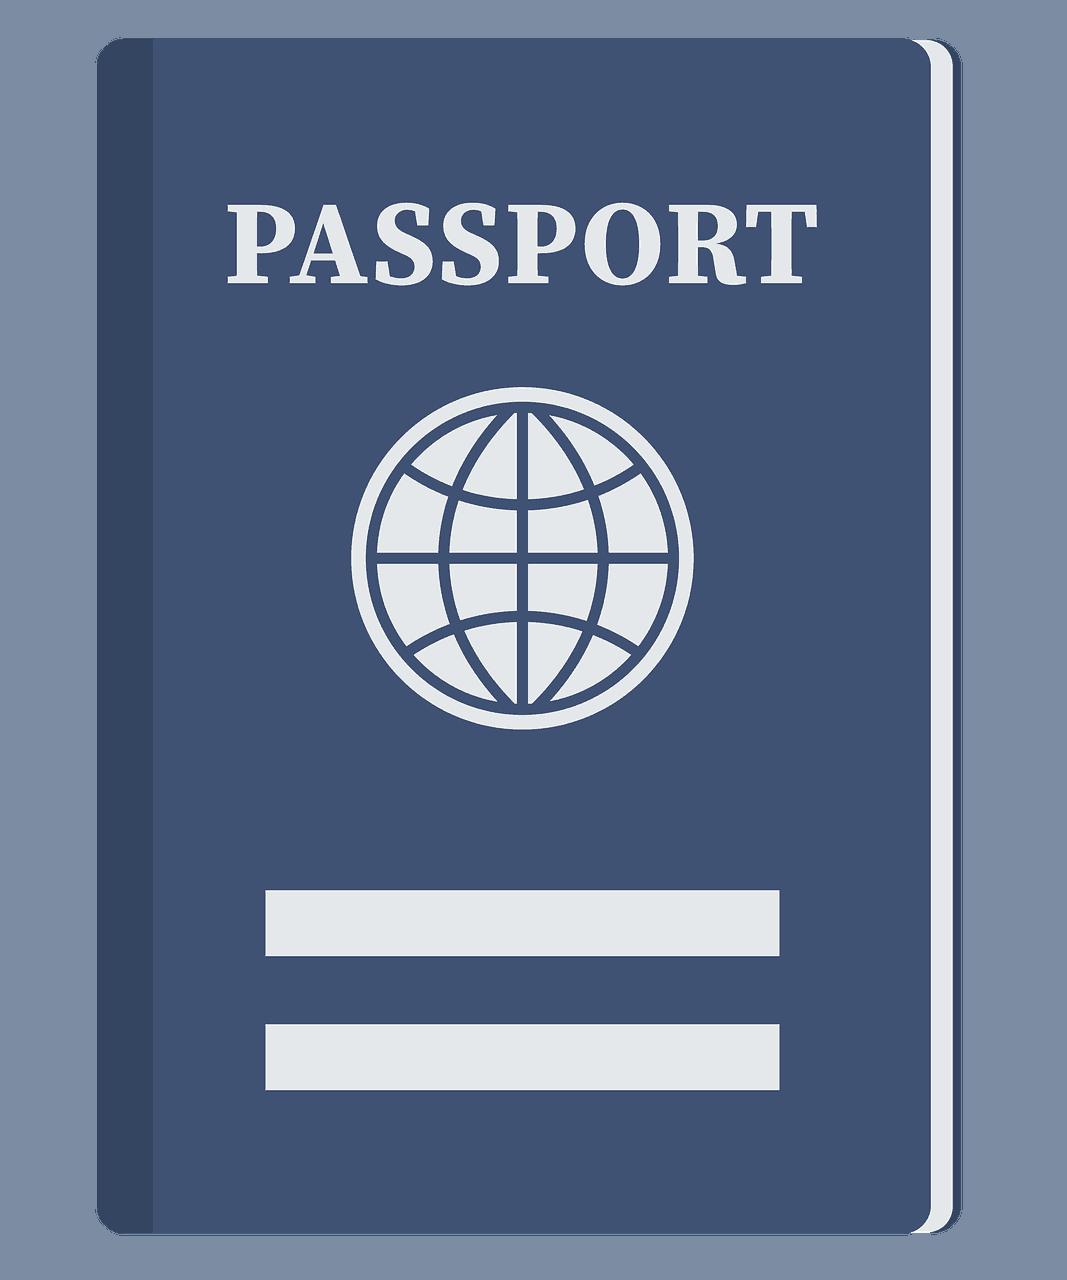 תמונה של דרכון